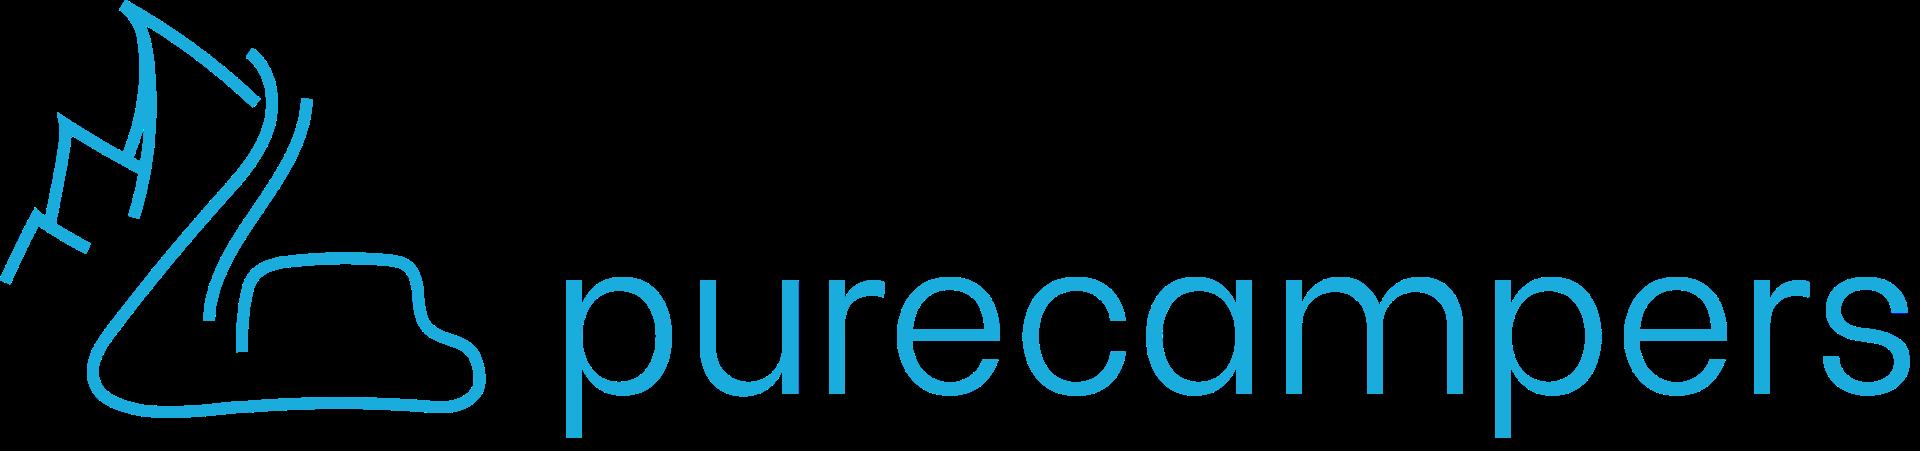 purecampers logo 2 blue (smaller)